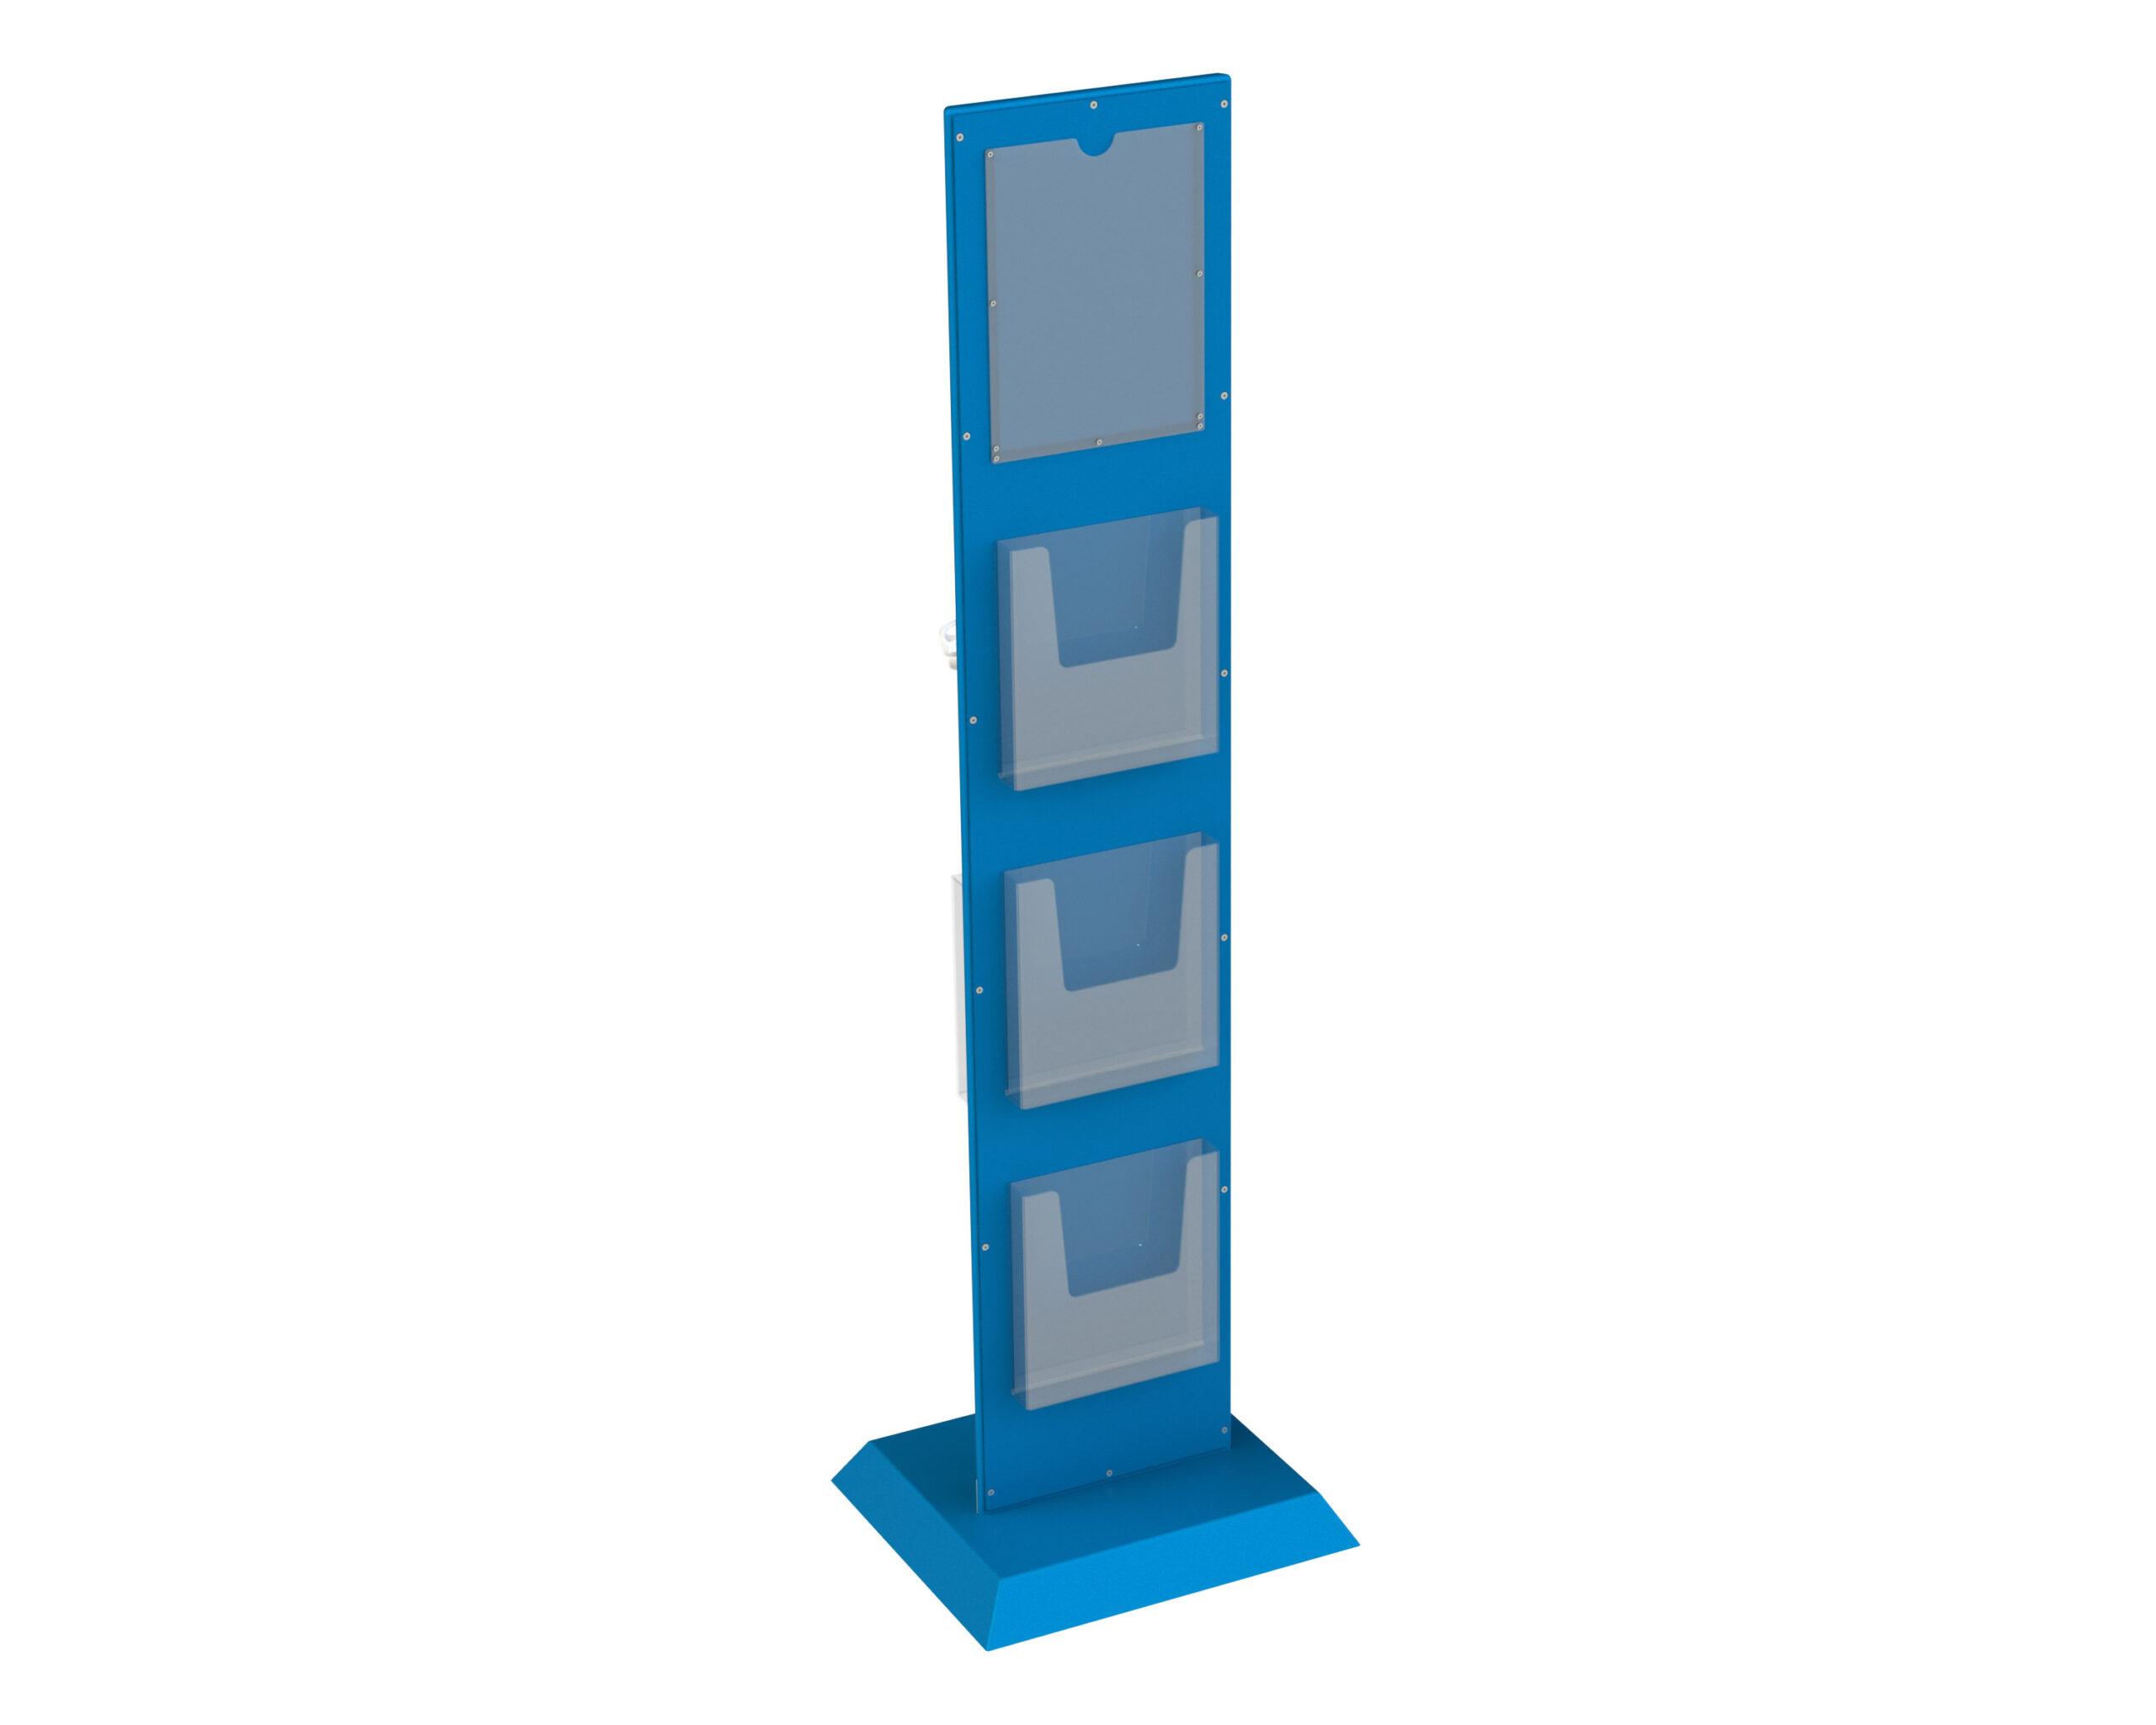 Hygienesaeule-Monolith-TRAPEZ-4-Prospekthalter-Rueckseite